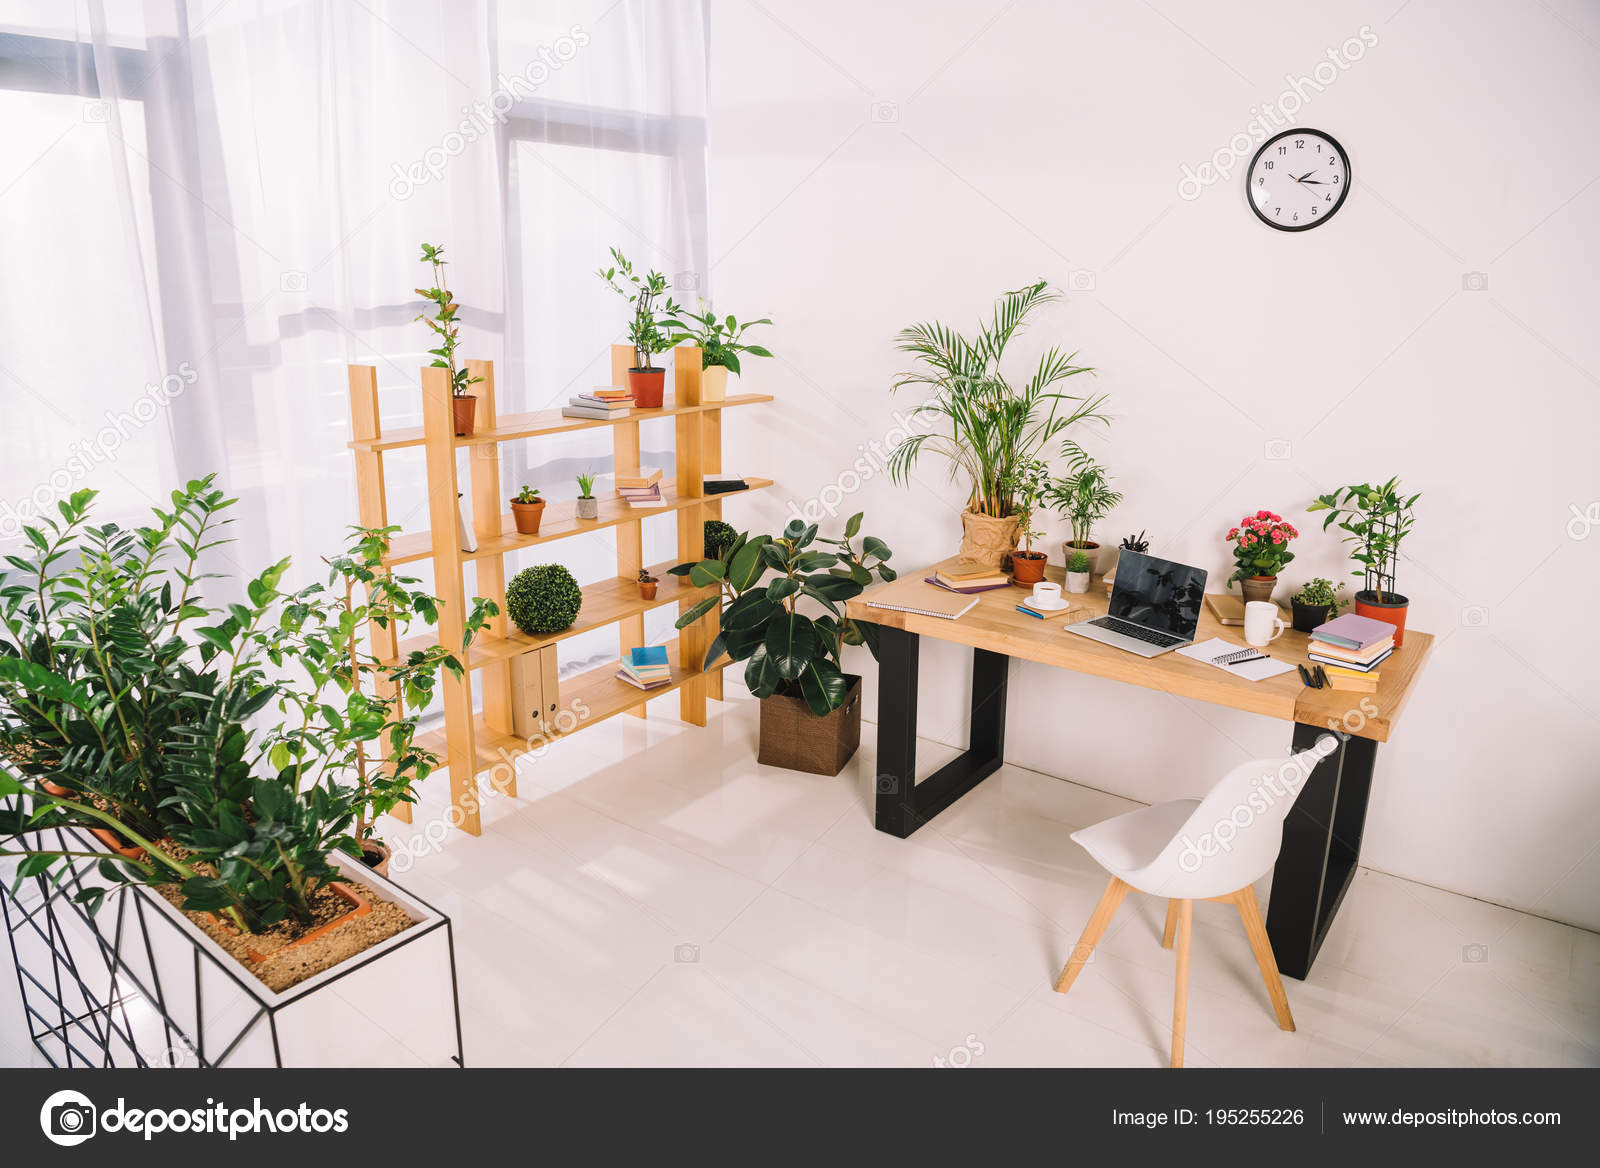 Planten Op Kantoor : Interieur van kantoor met groene planten u stockfoto